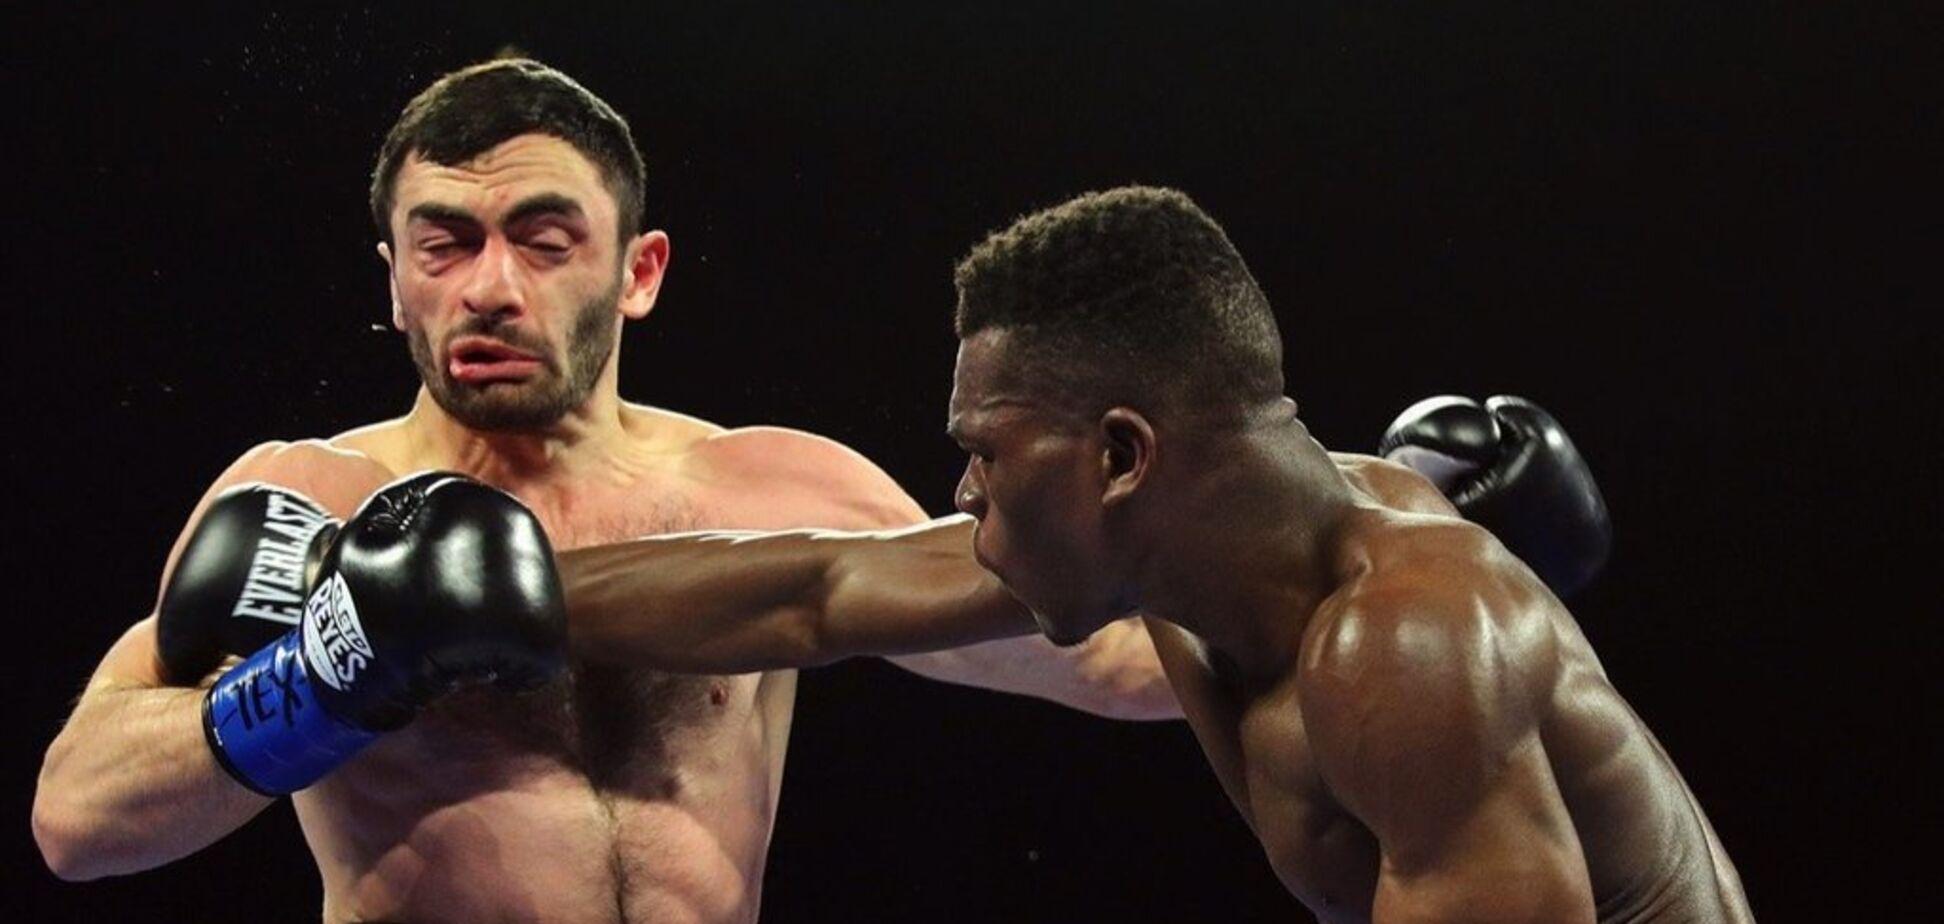 'Л*йно собаче': боксер, який нахамив Ломаченку, познущався з росіянина